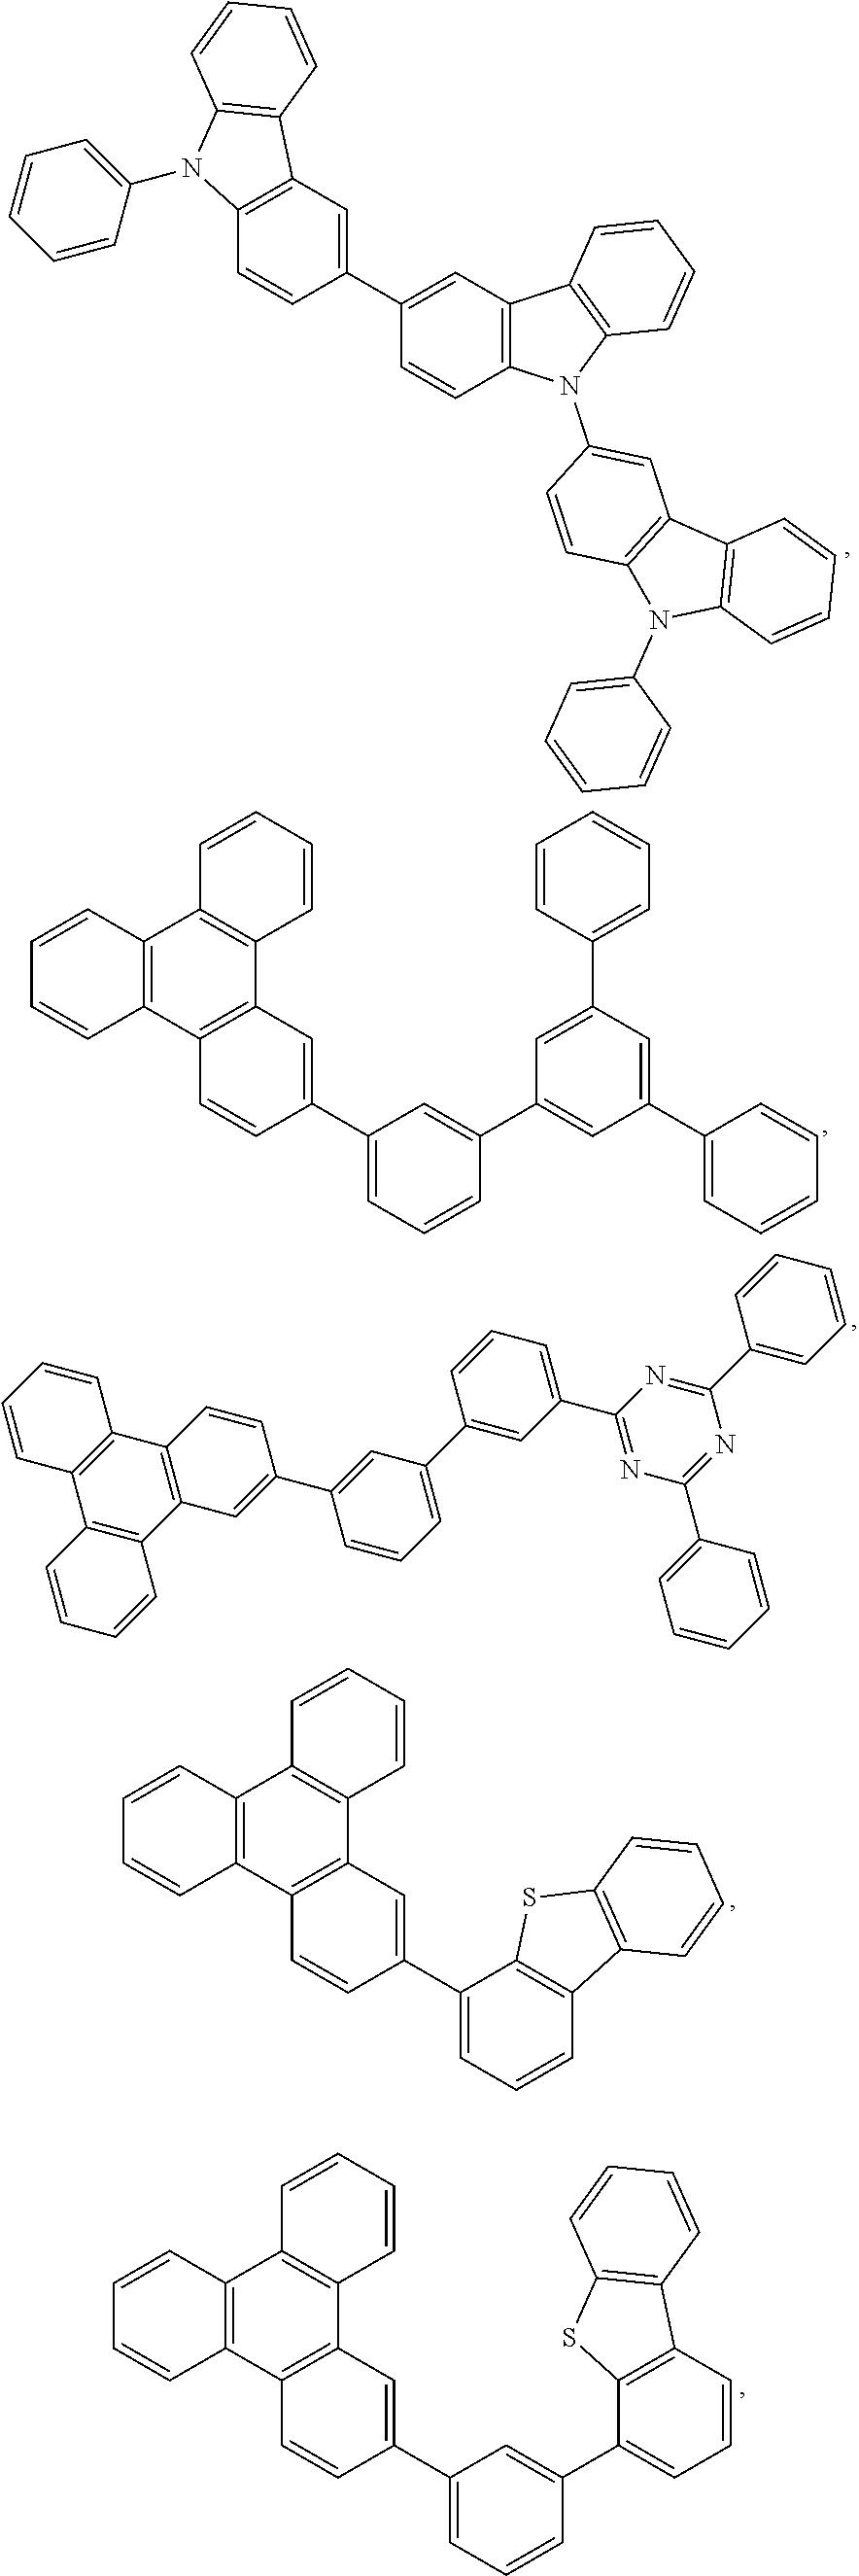 Figure US09450195-20160920-C00281